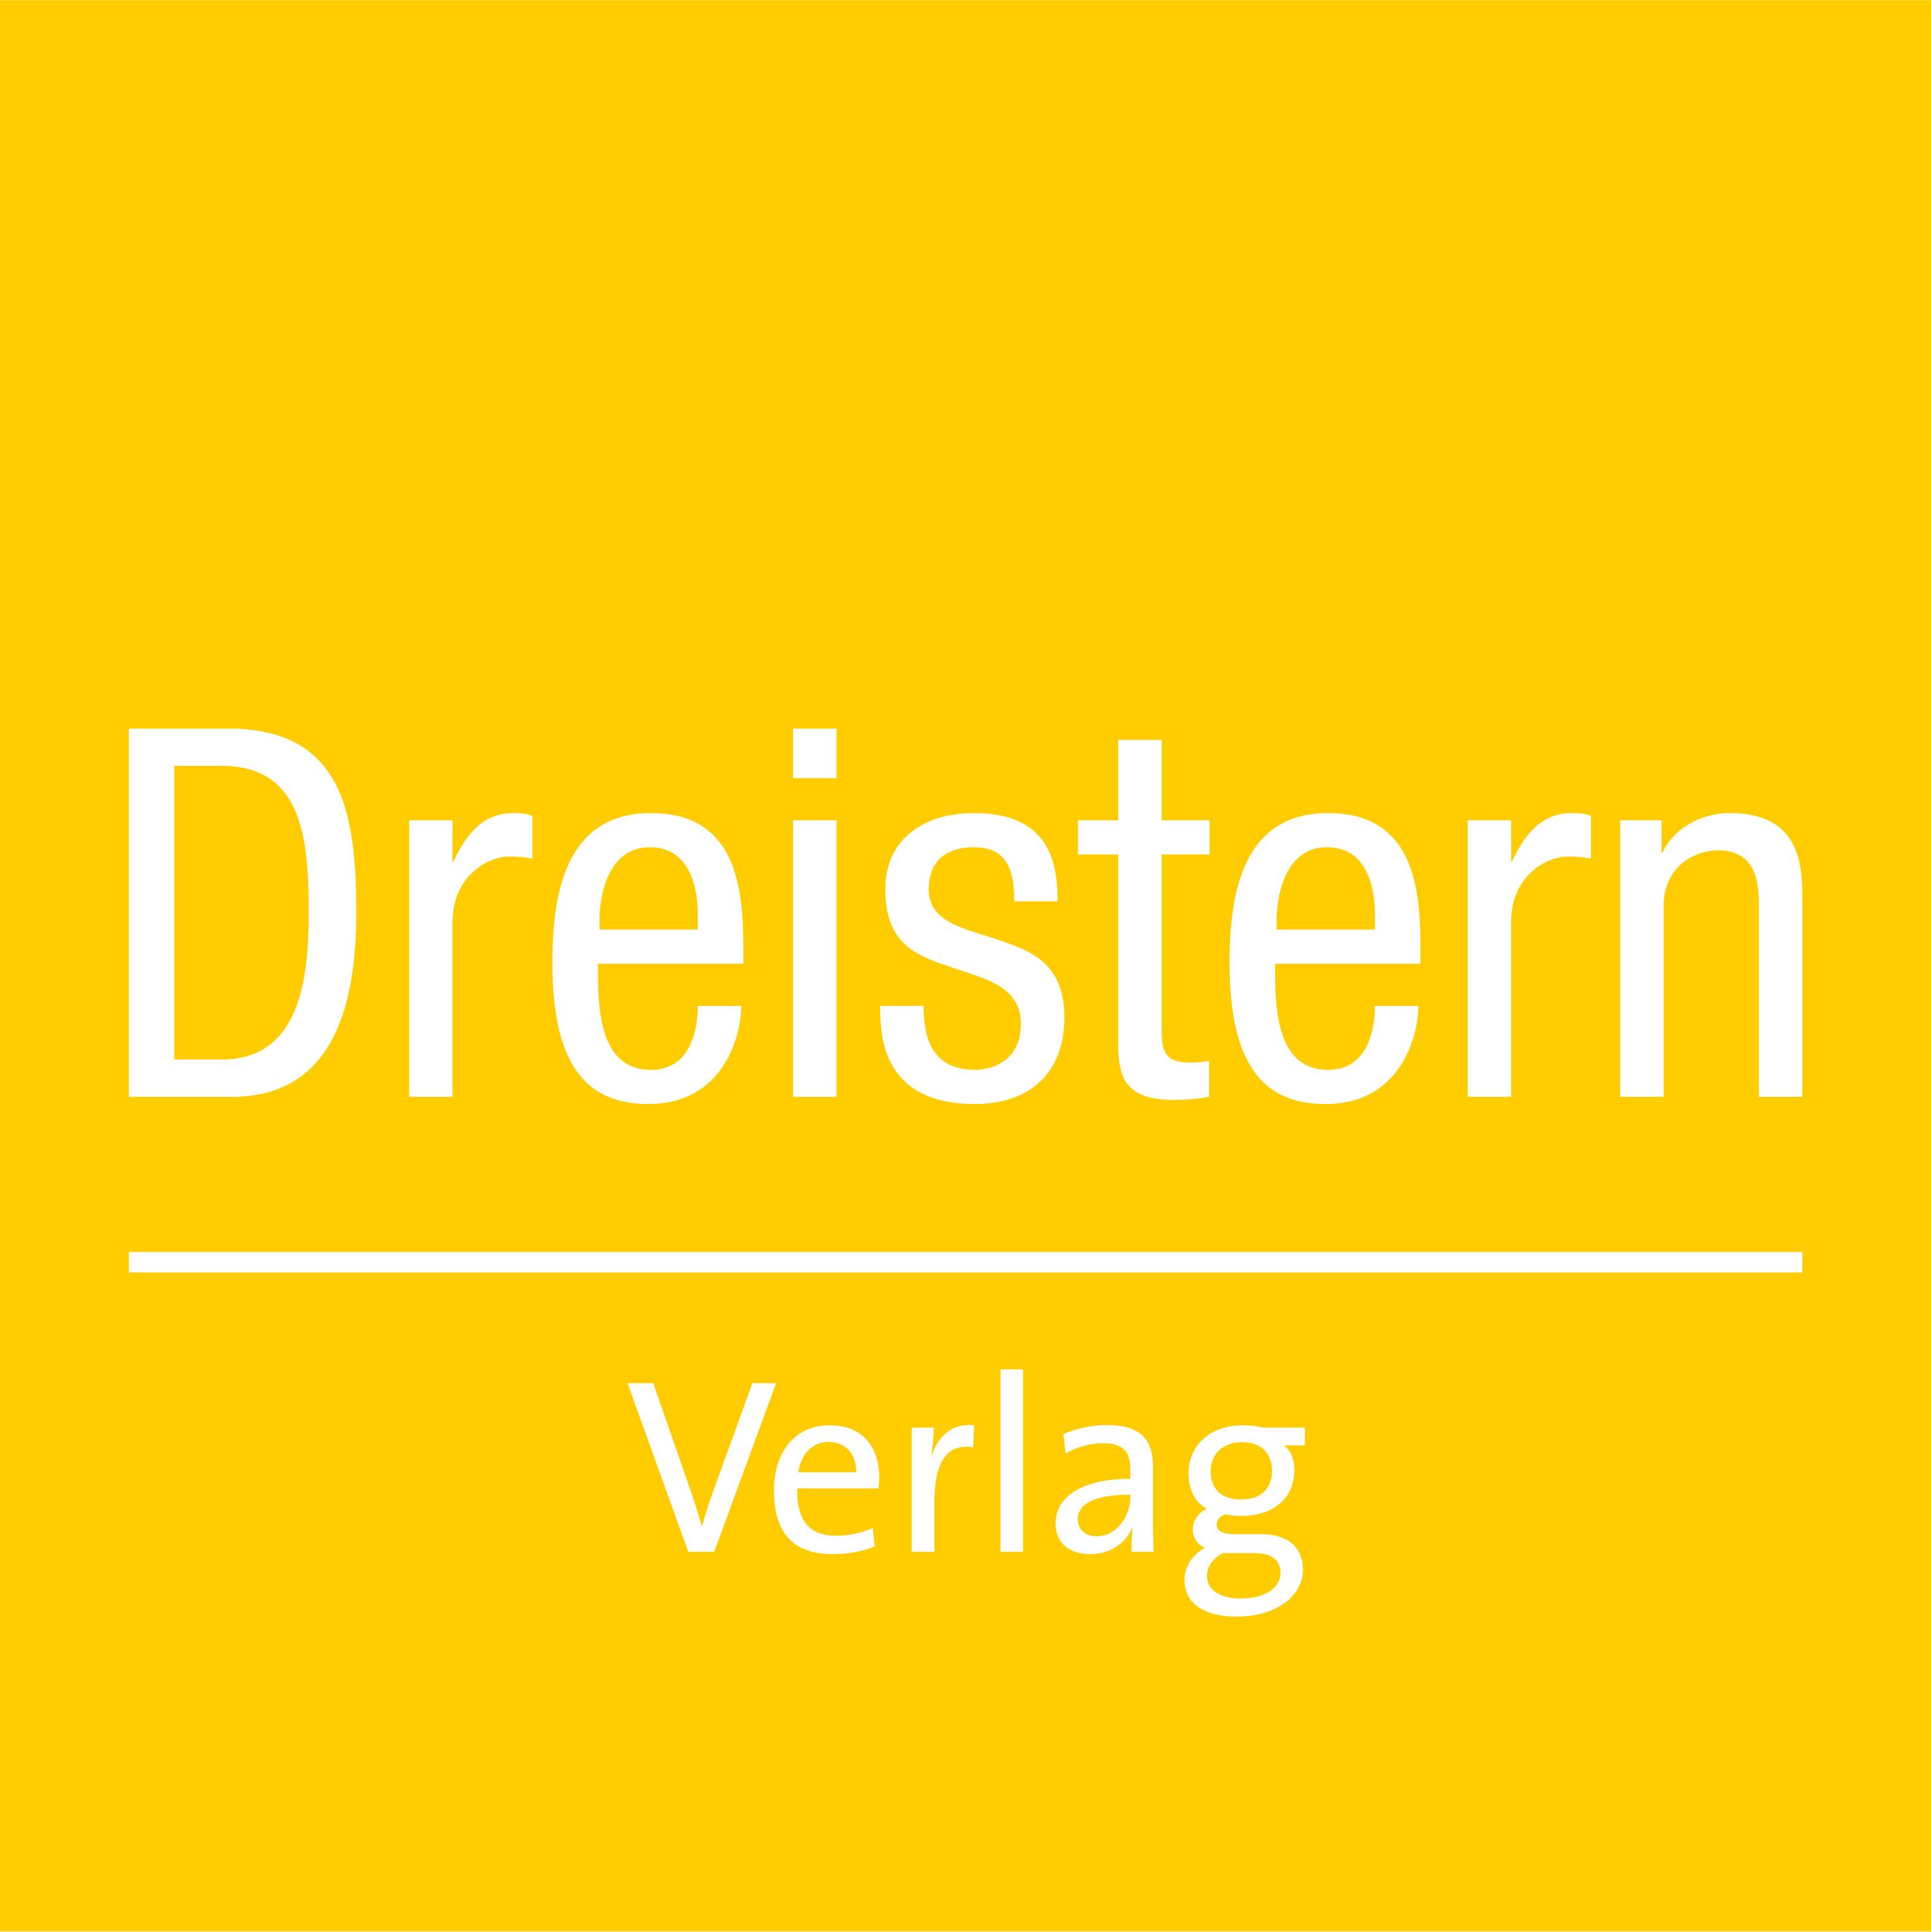 Logo_DreisternVerlag_gelb-weiss_final